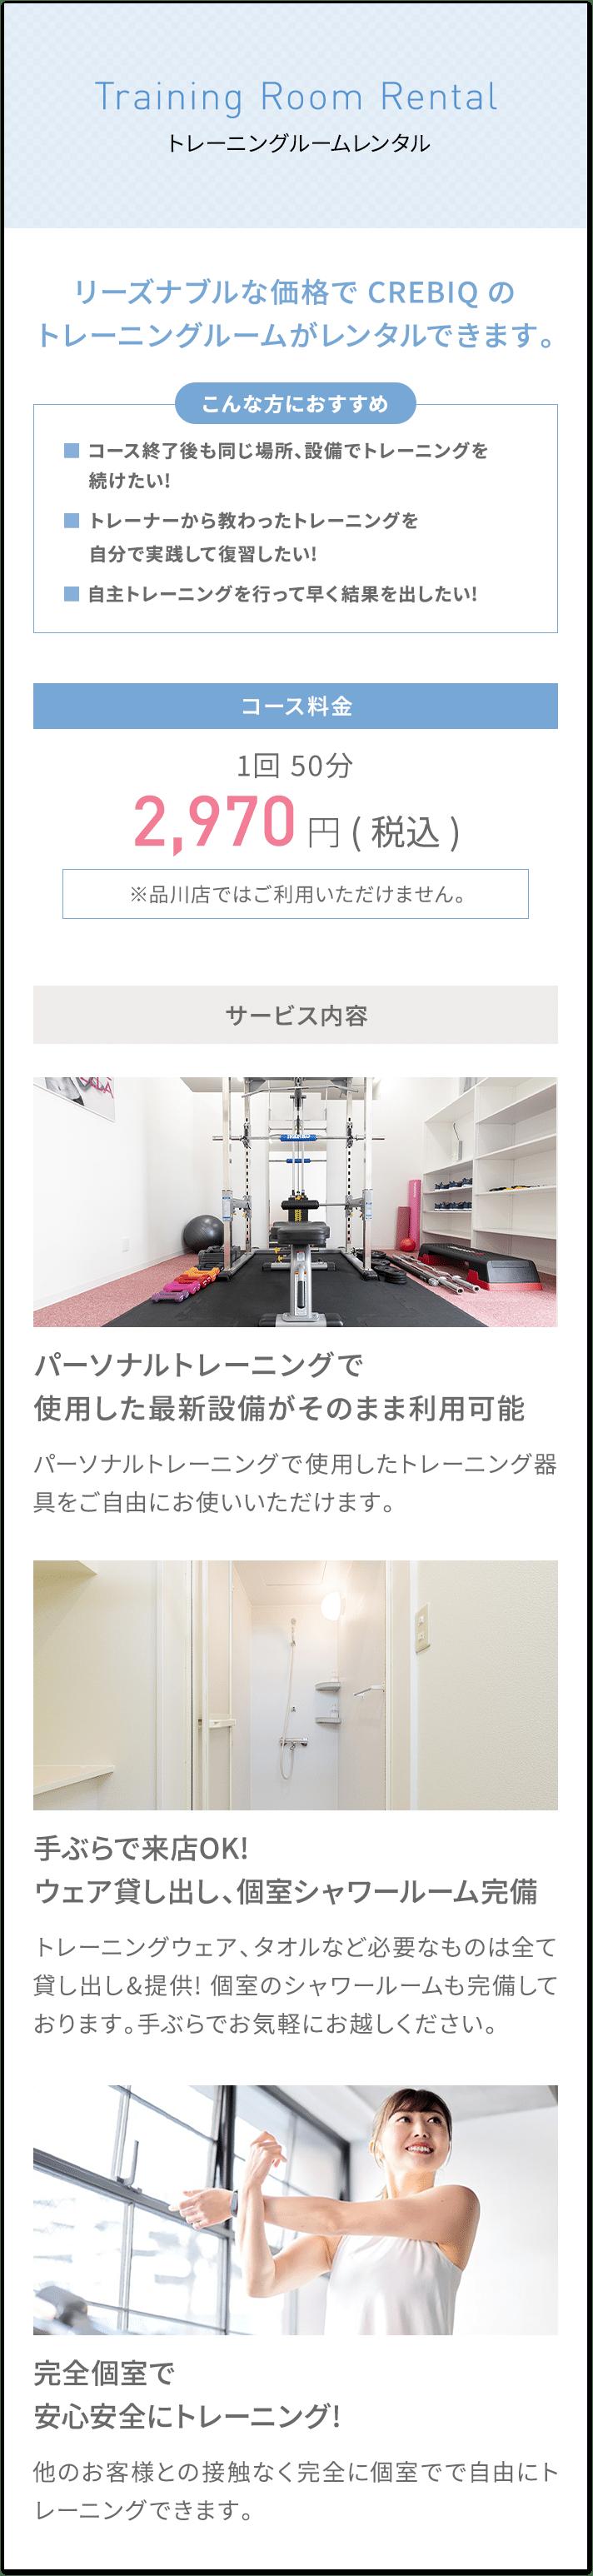 リーズナブルな価格でCREBIQのトレーニングルームがレンタルできます。